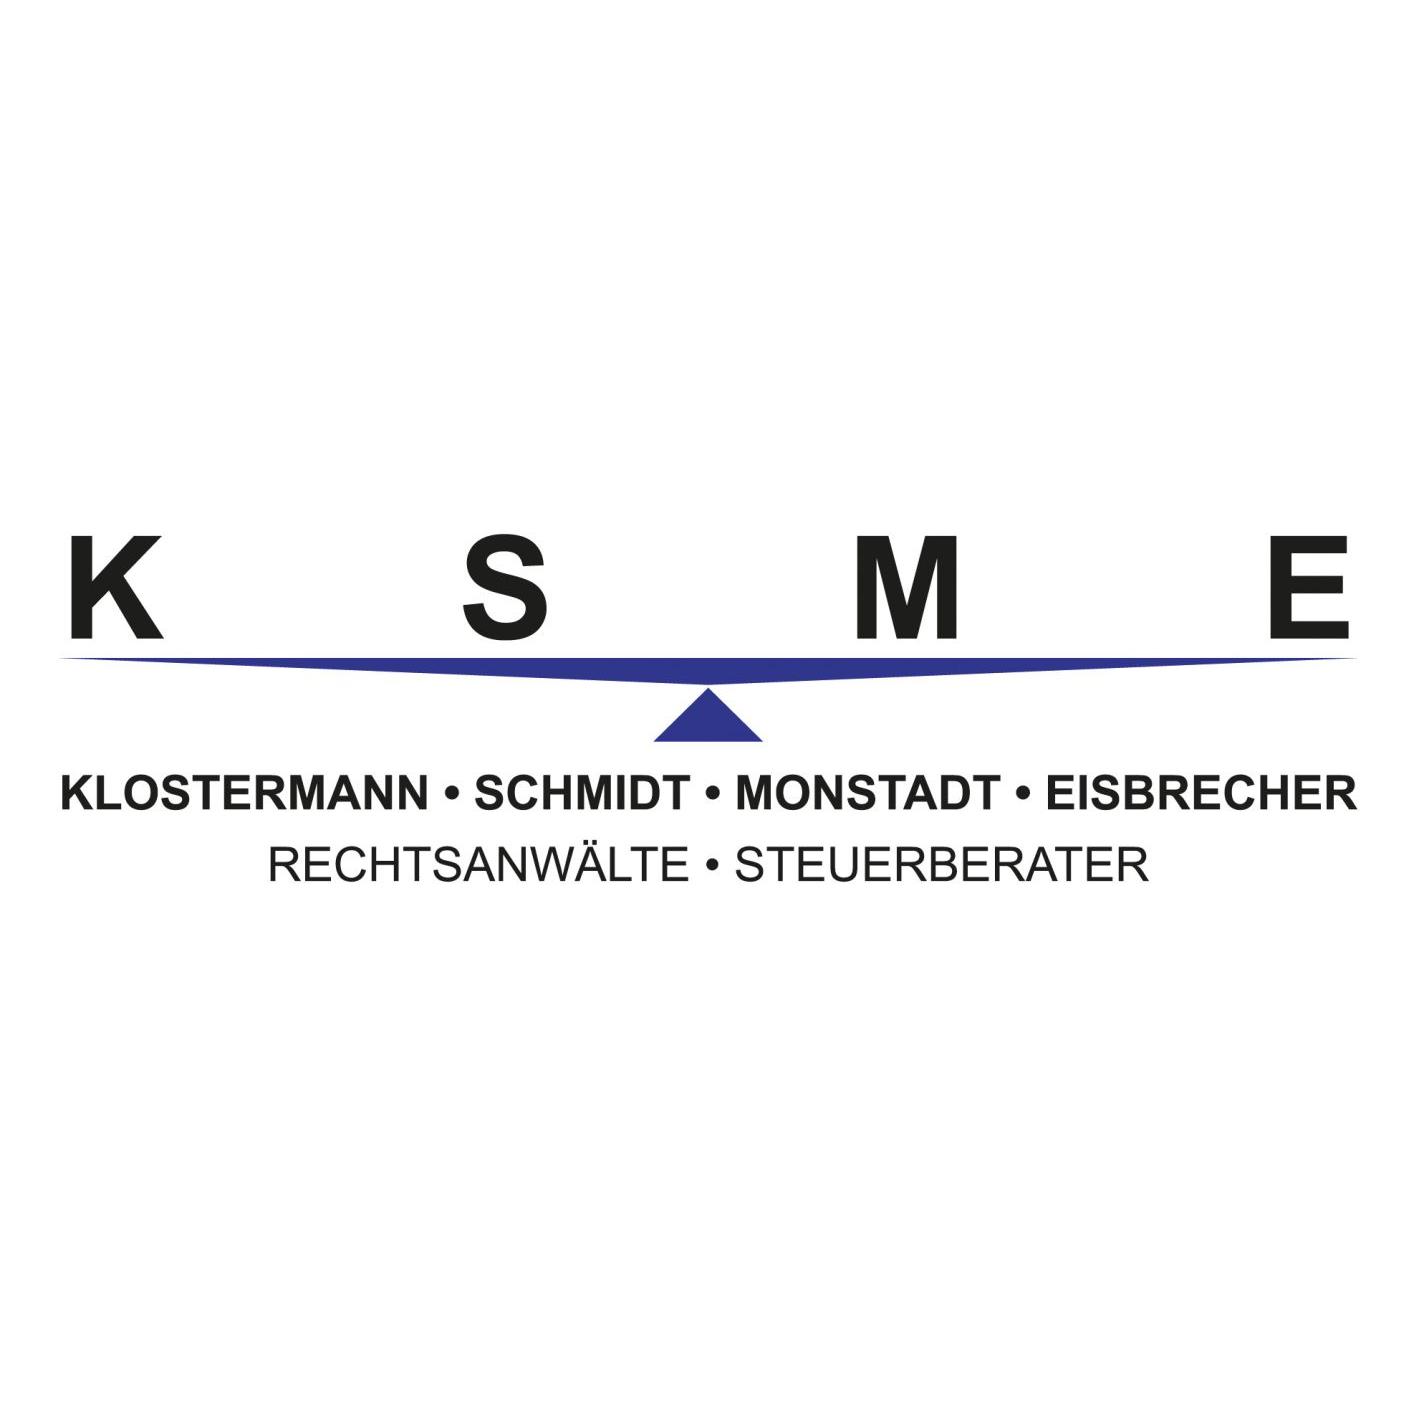 Bild zu Steuerberatung Klostermann-Schmidt-Monstadt-Eisbrecher in Schwerin in Mecklenburg